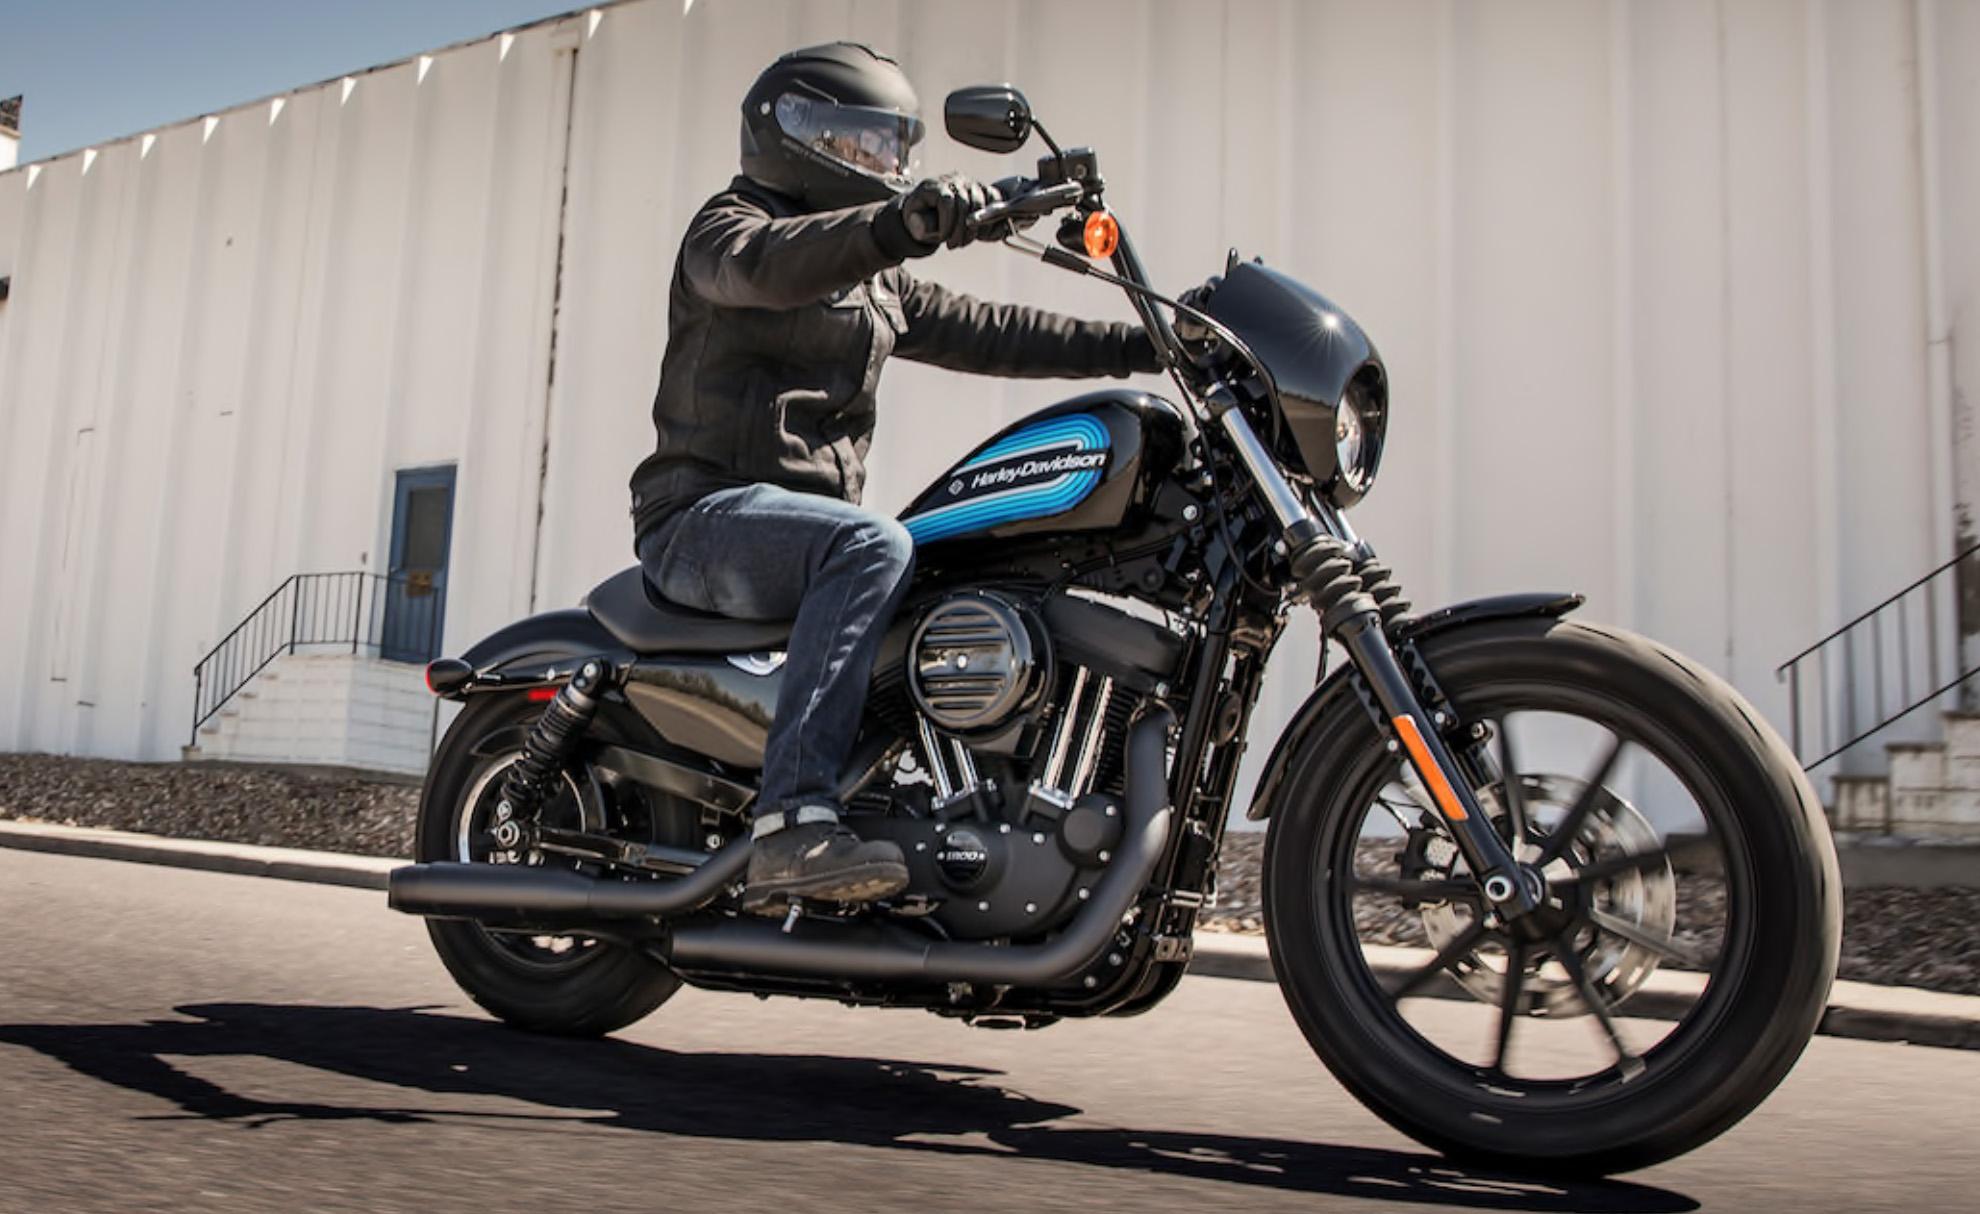 Семейство мотоциклов Sportster, к которому относится Harley-Davidson Iron 1200